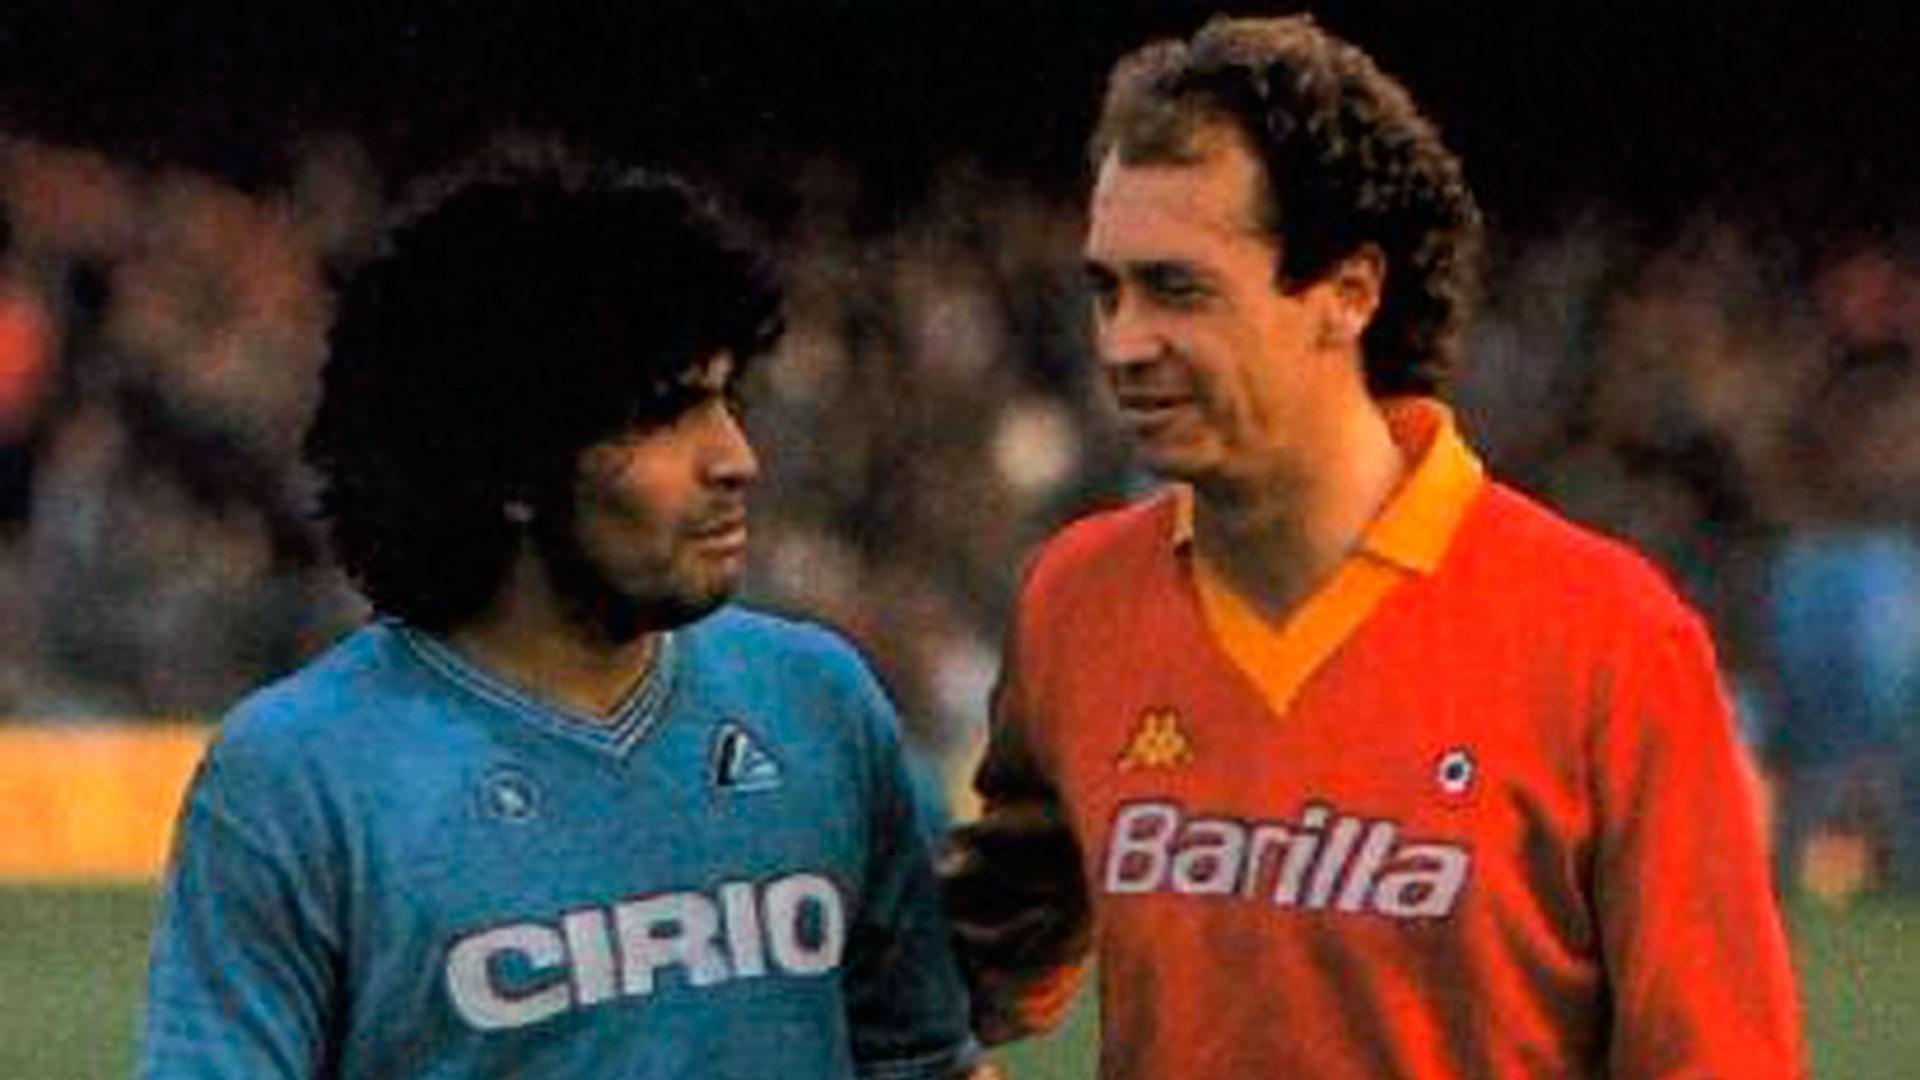 Diego Maradona e Paulo Roberto Falcão nos anos 80, quando defendiam Napoli e Roma